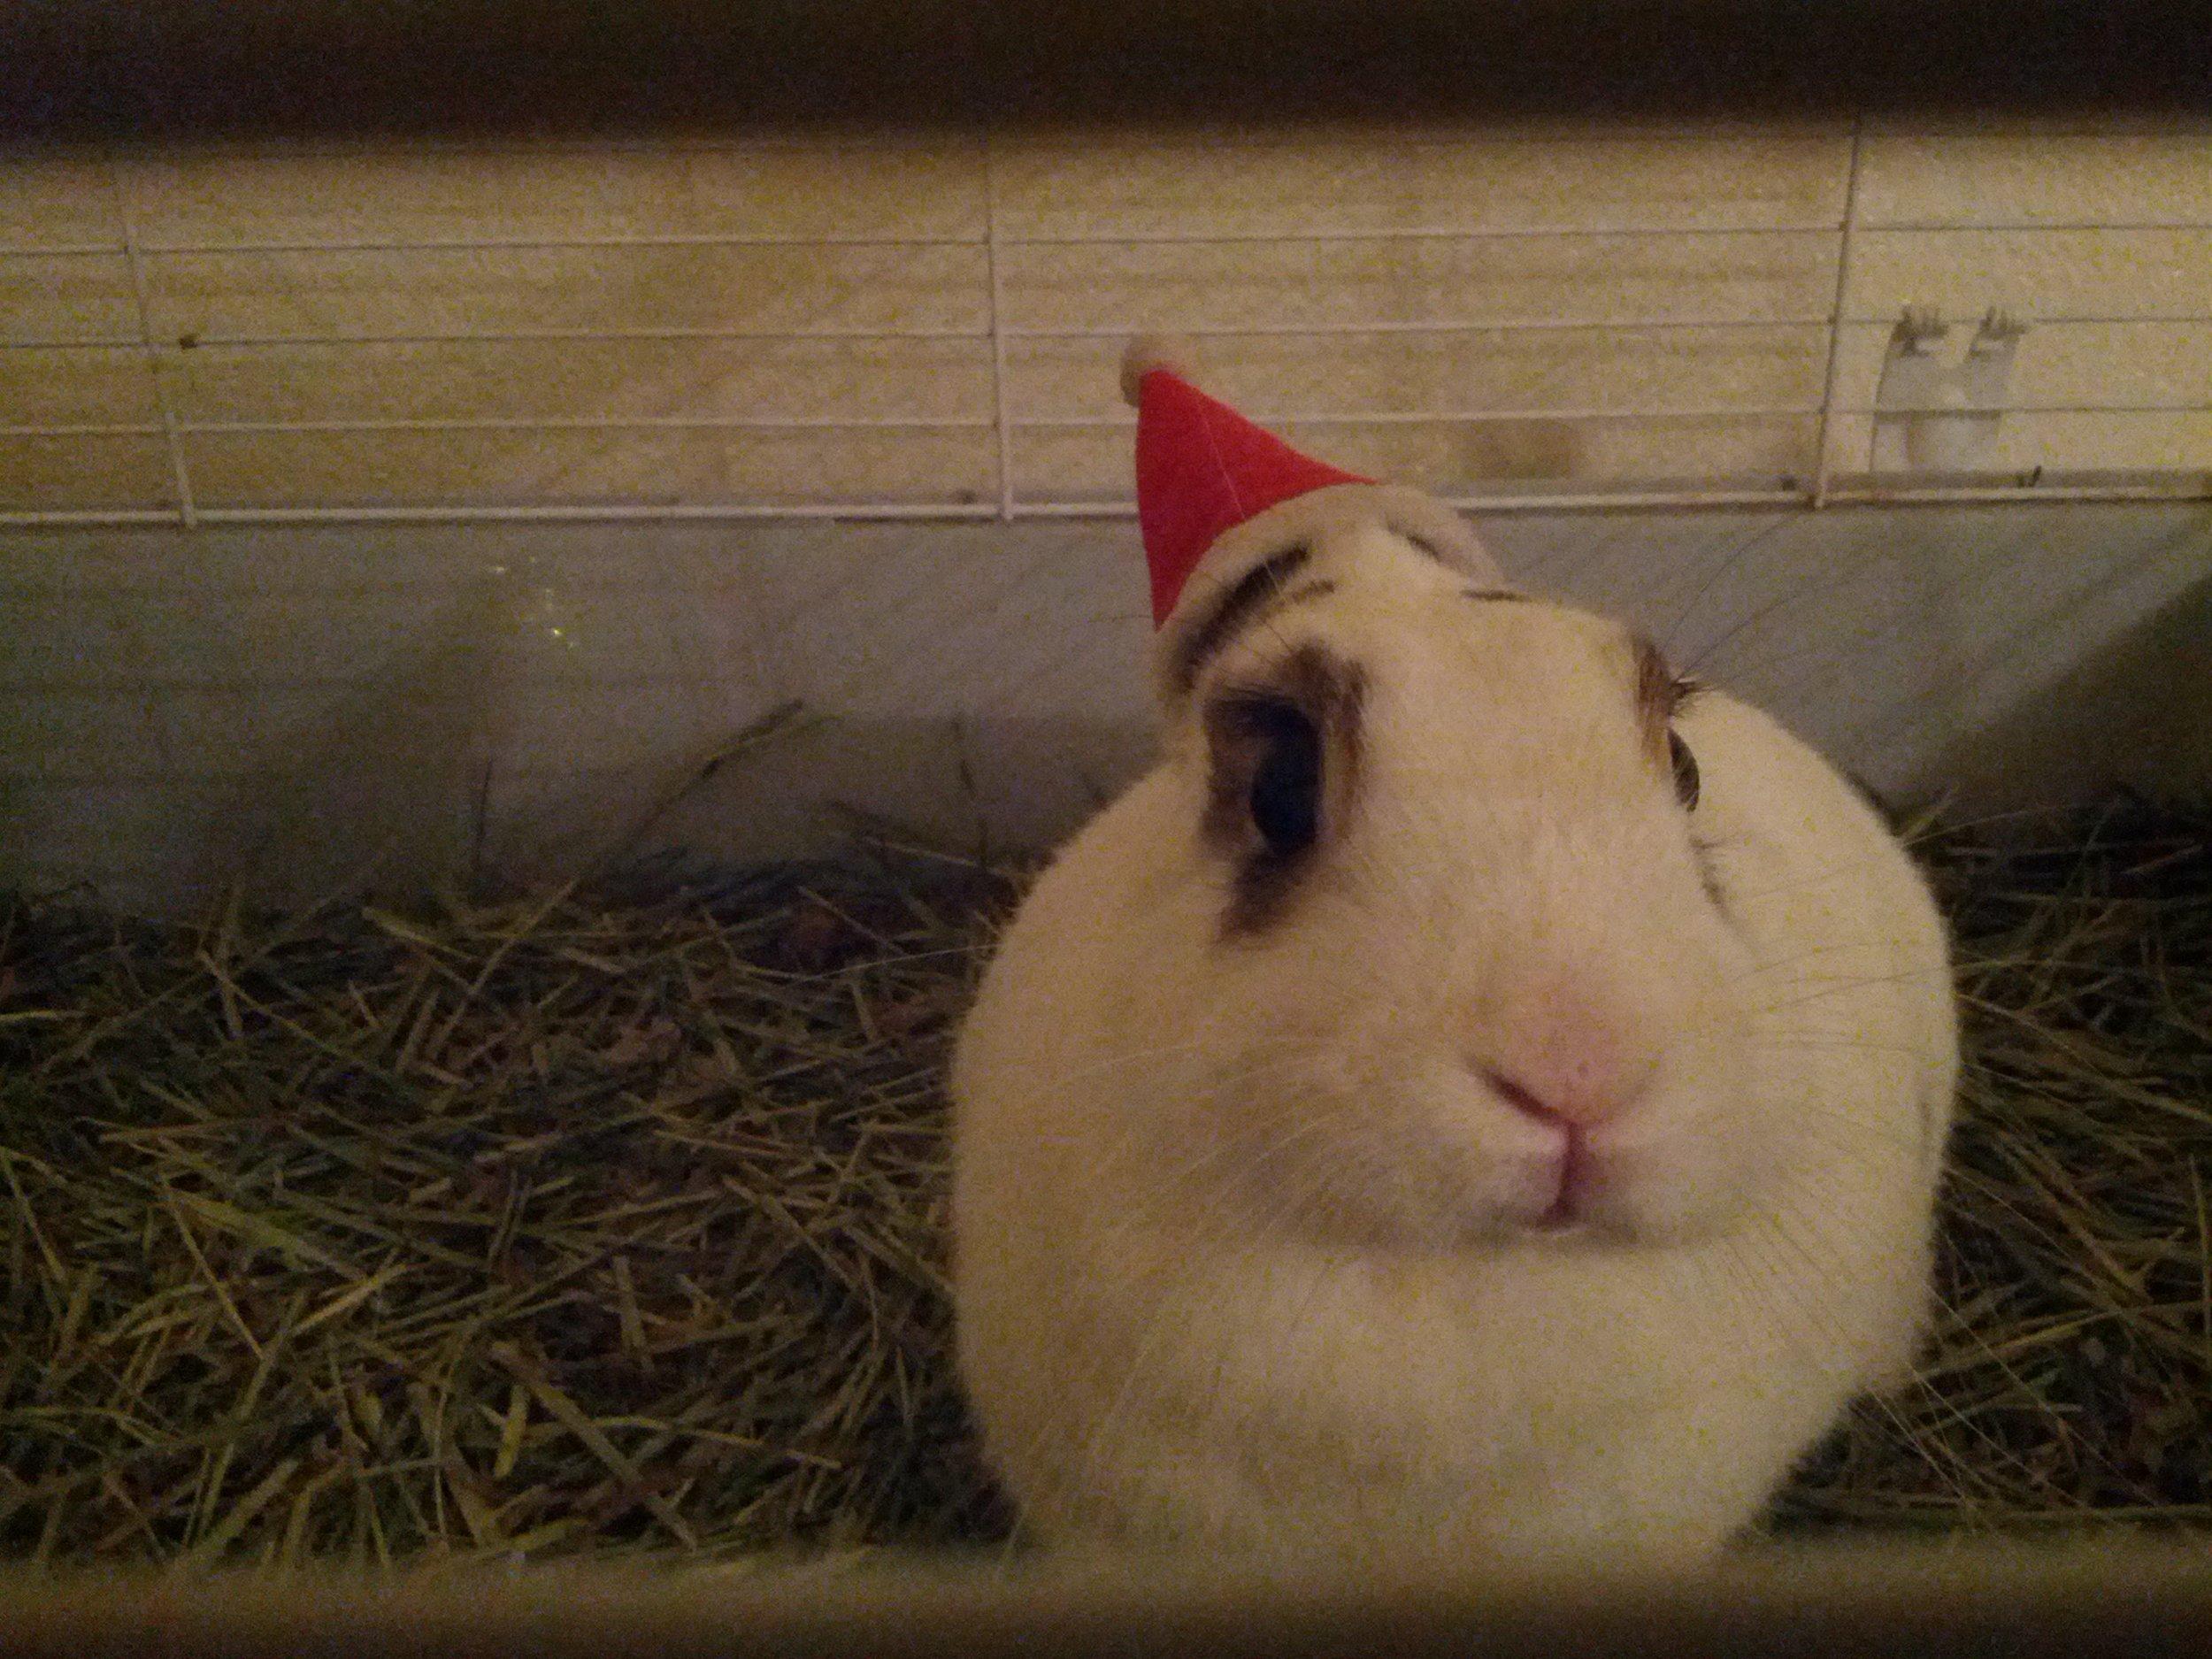 The Daily Bunny's Christmas 2013 Mega-Post 3.2